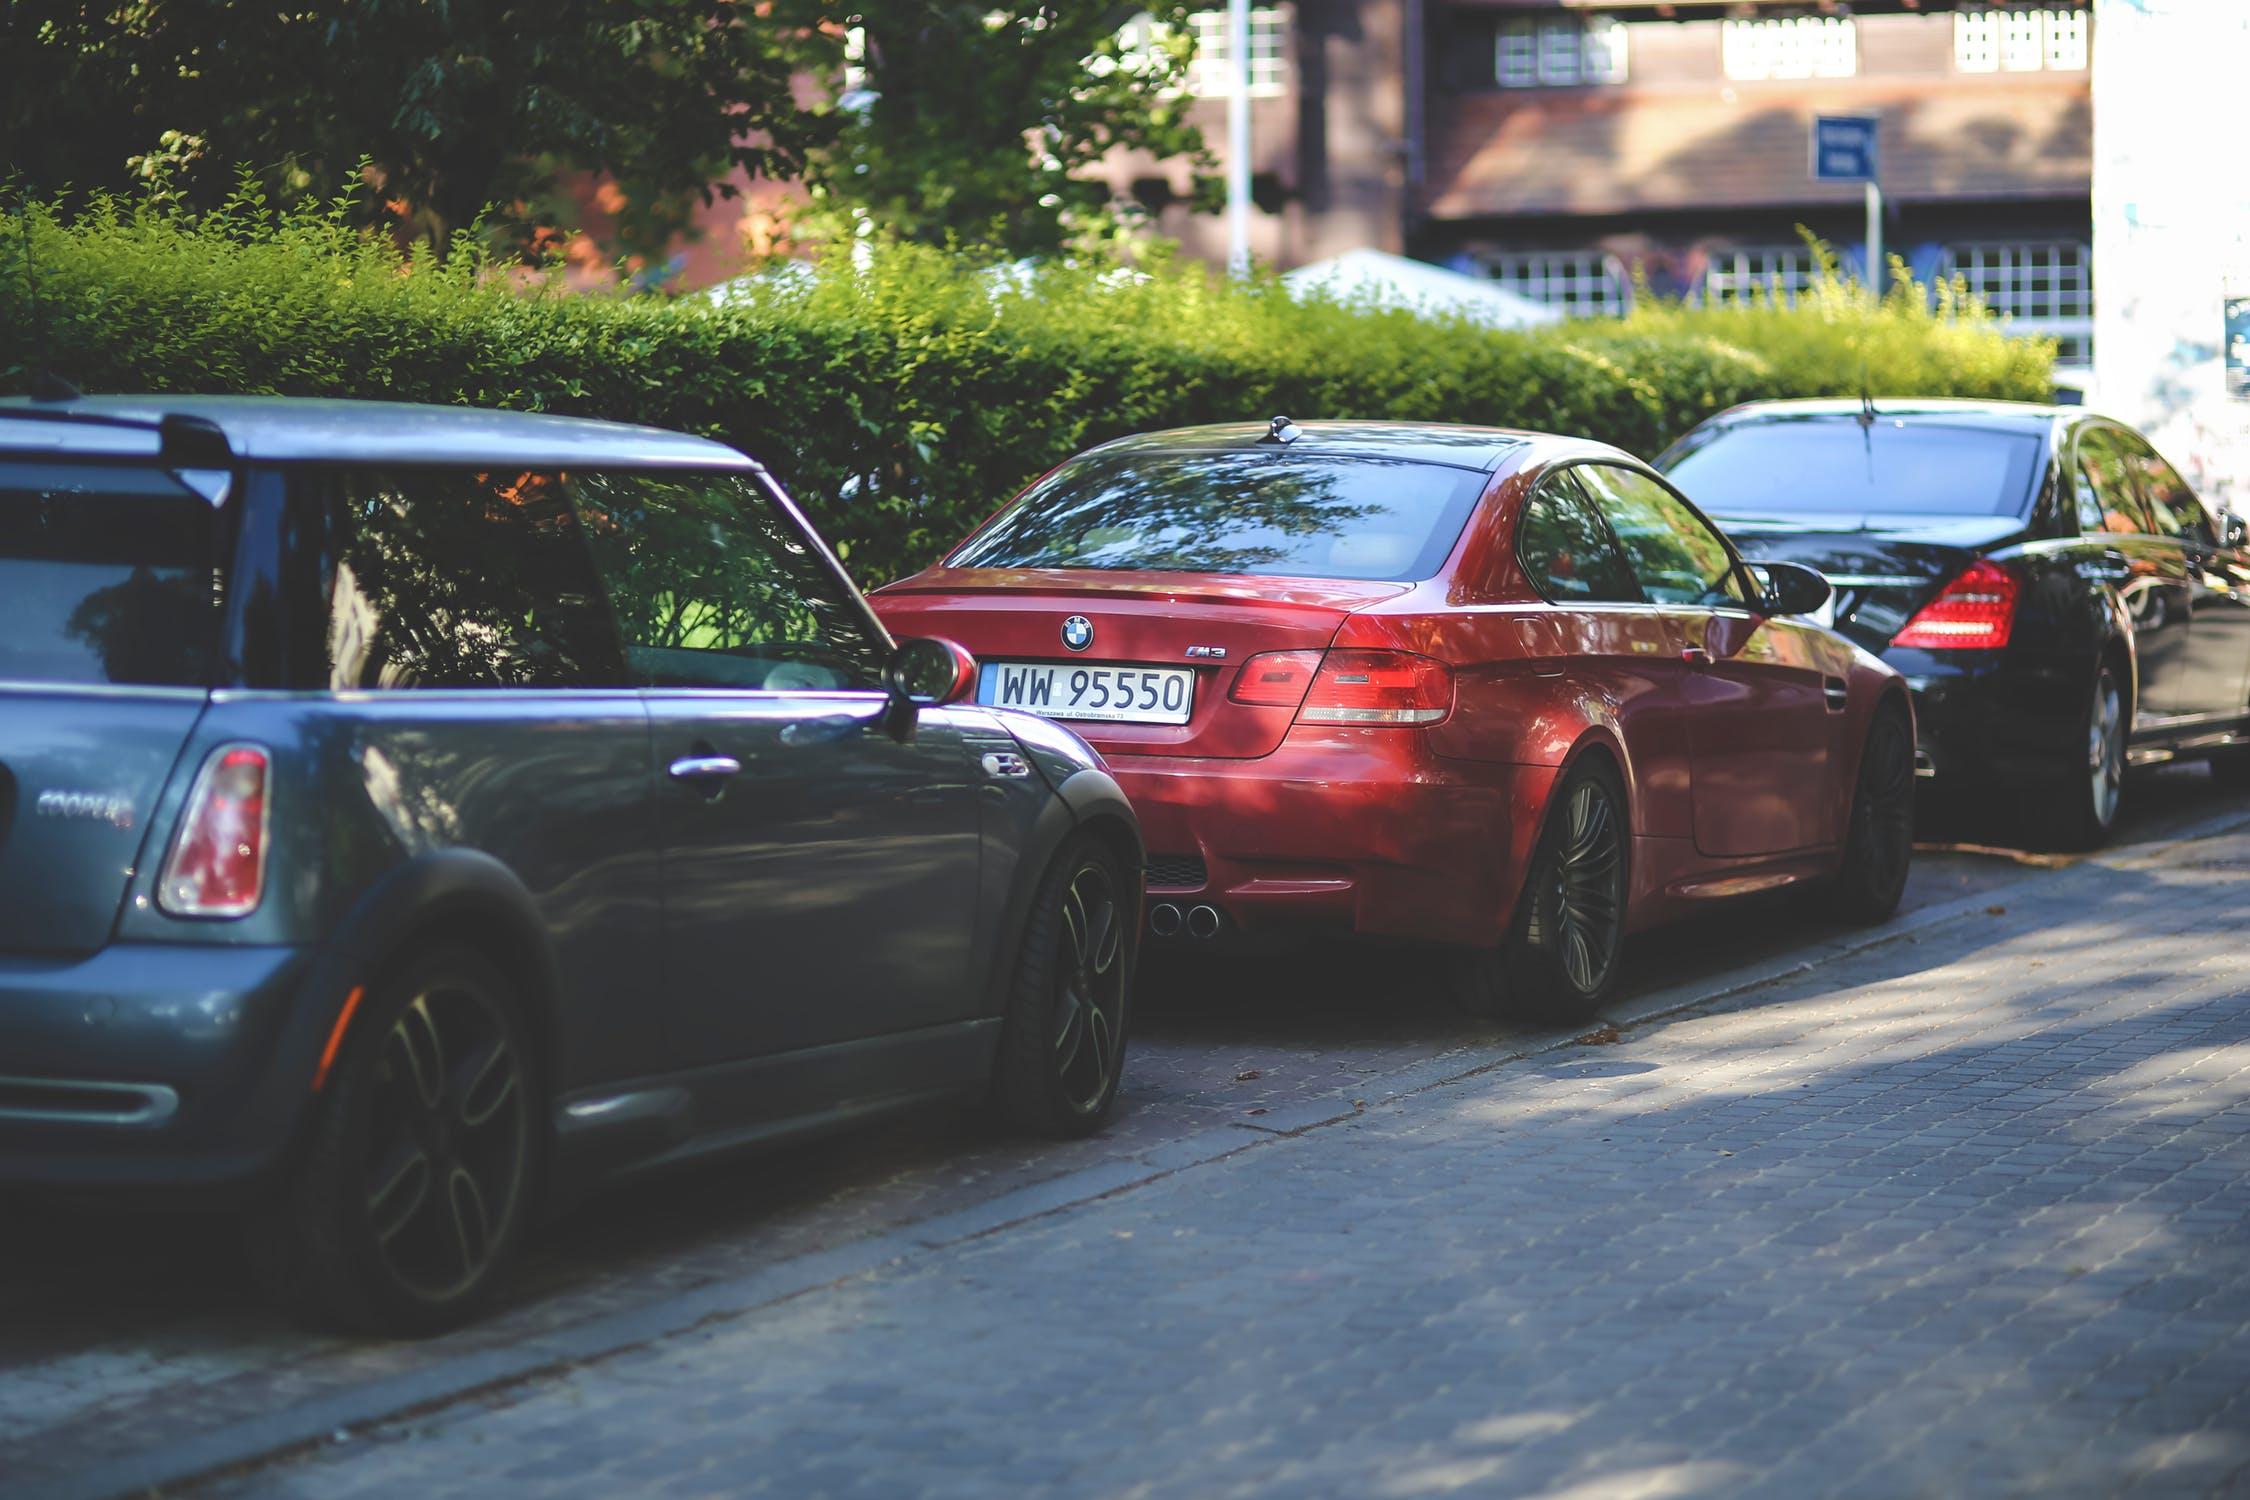 Parkerede biler